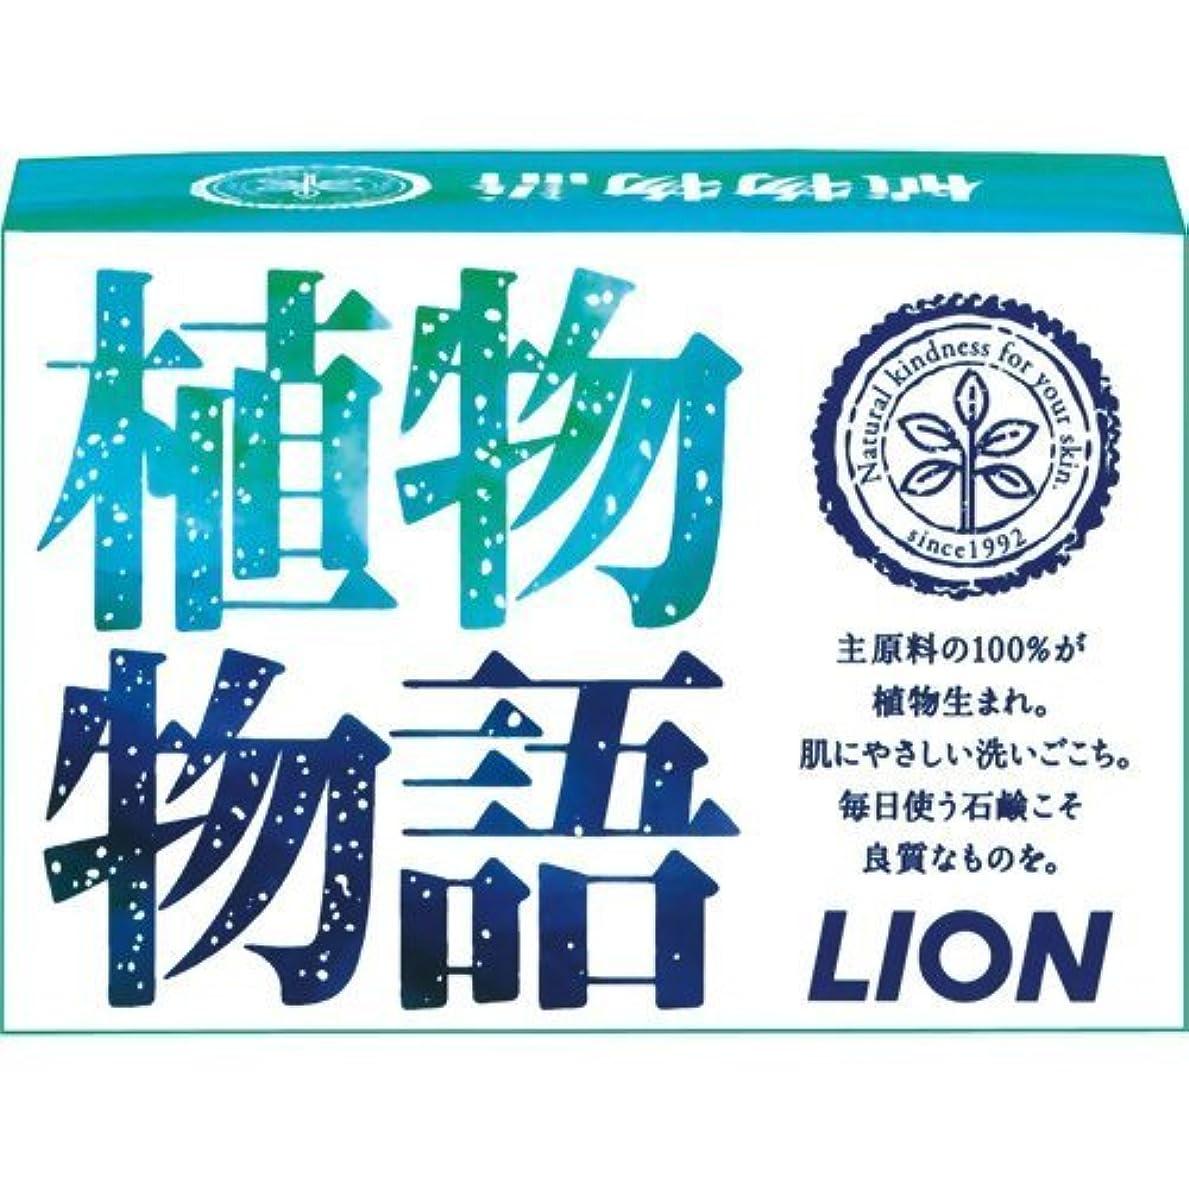 発火する爆発貨物ライオン 植物物語 化粧石鹸  1個